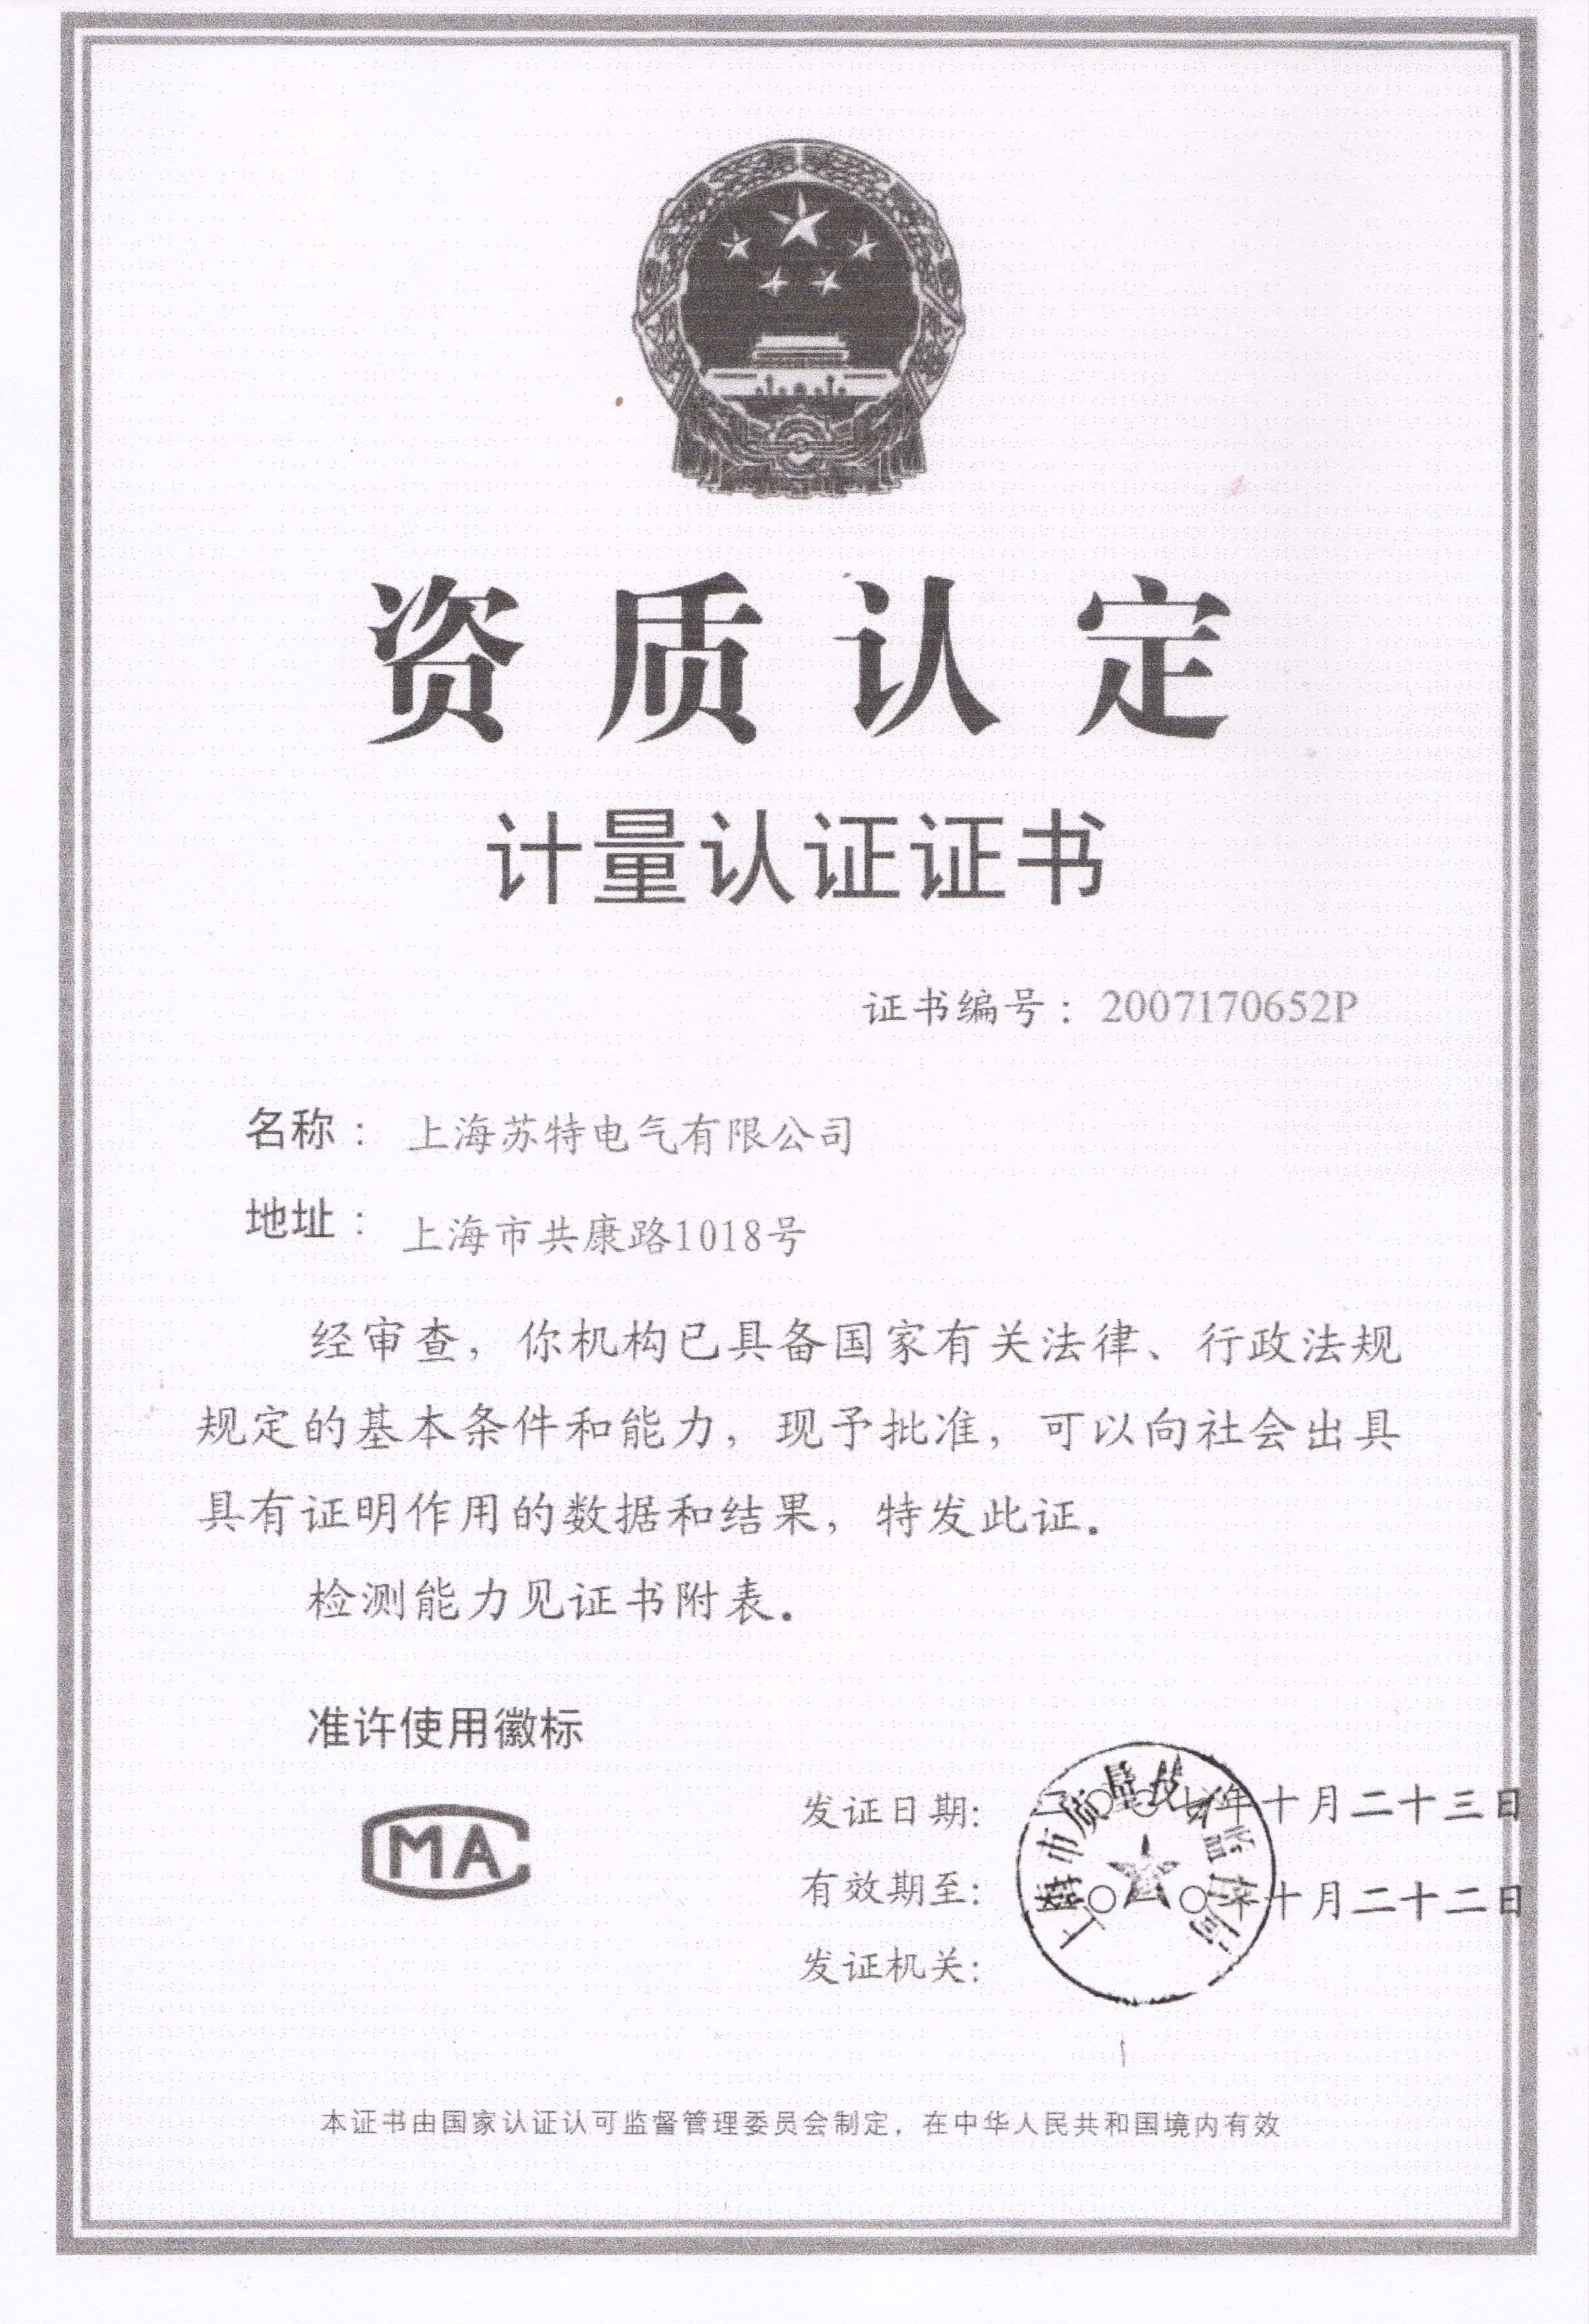 計量認證合格證